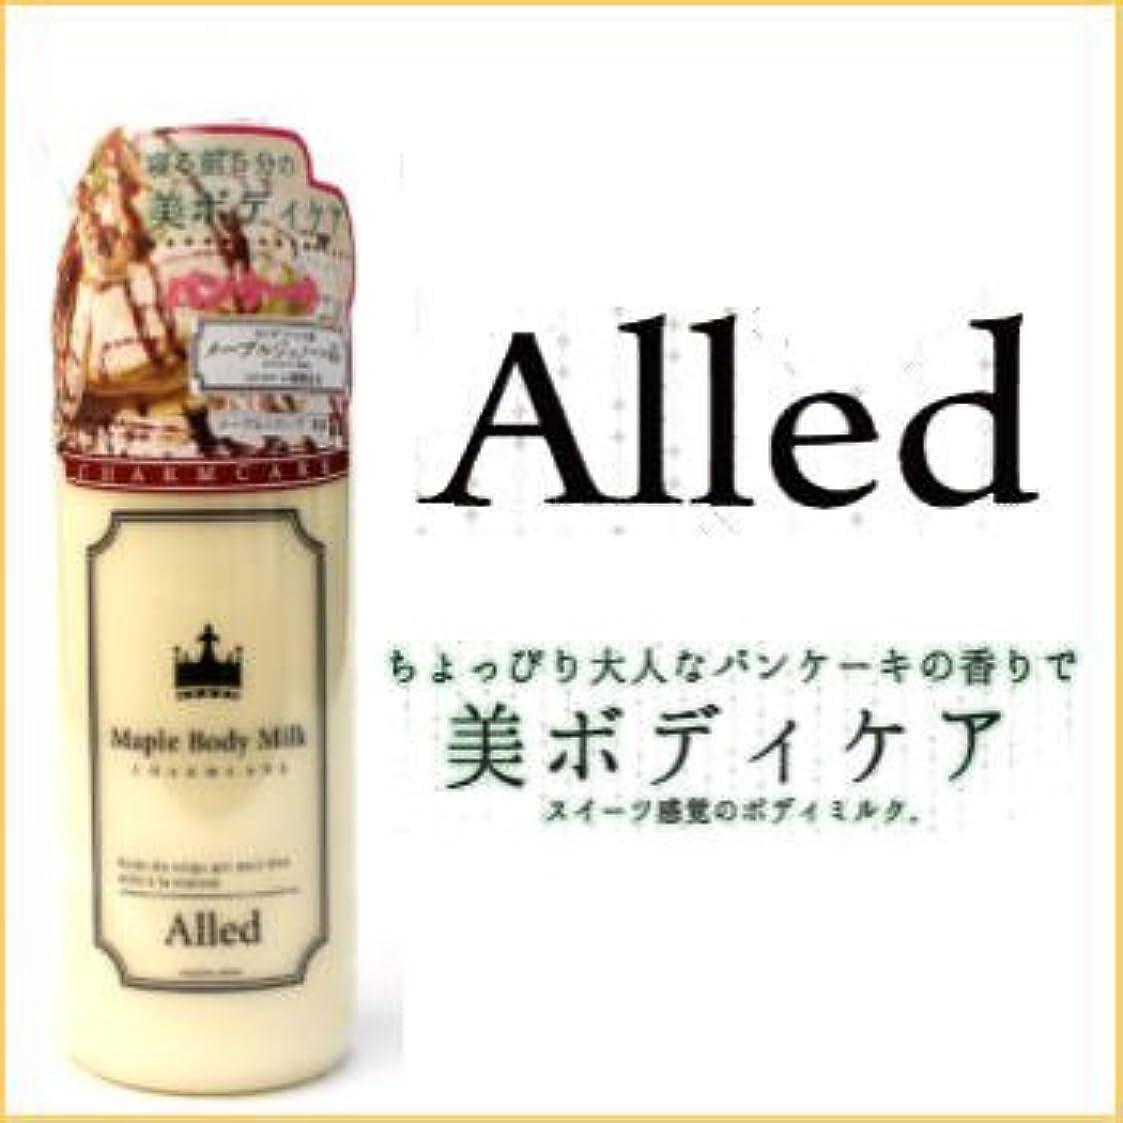 パール甘いペレグリネーションアレッド メープルボディミルク 300ml